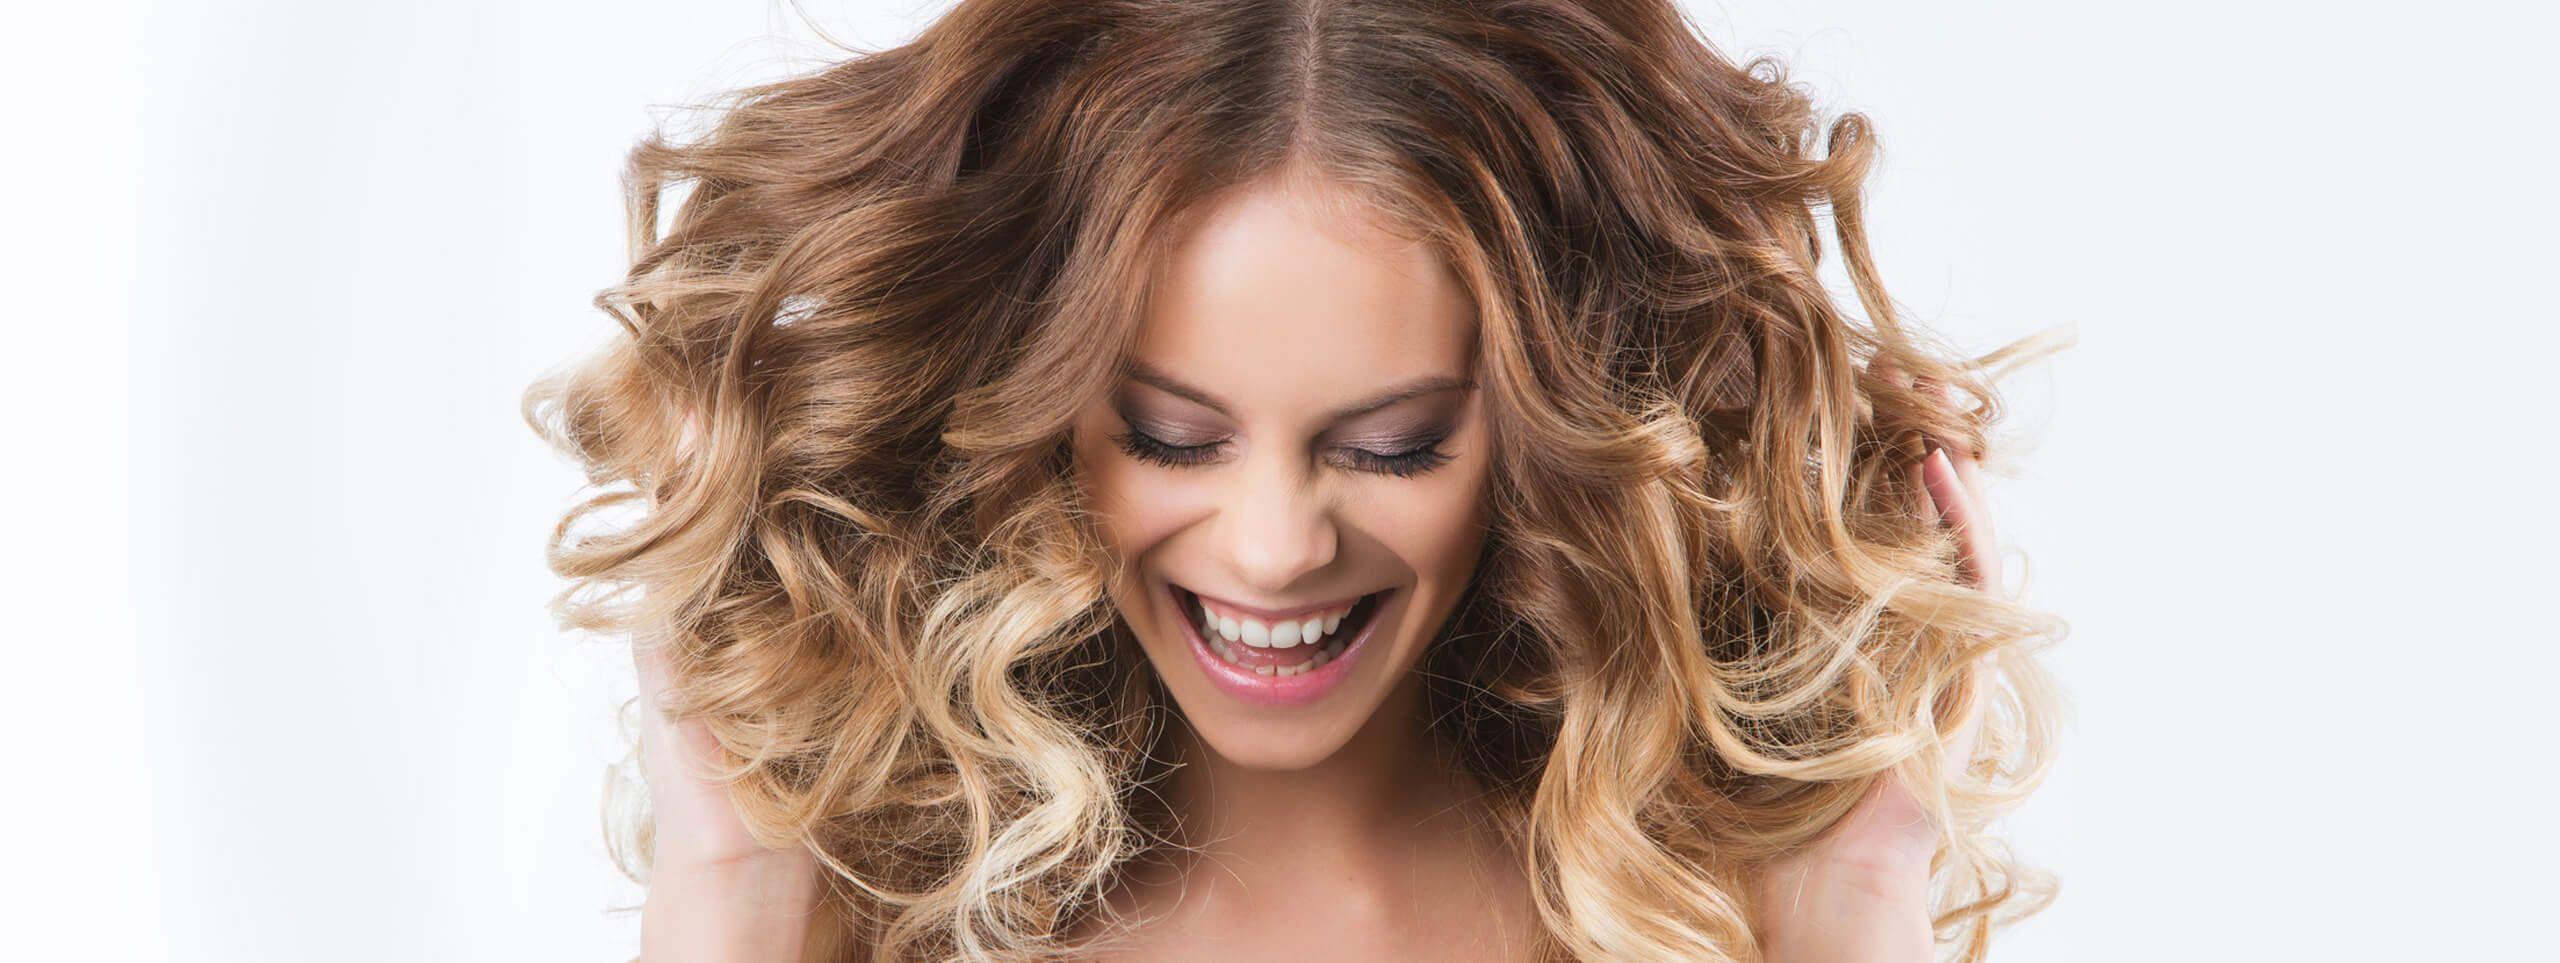 Femme souriante passant ses mains dans ses boucles